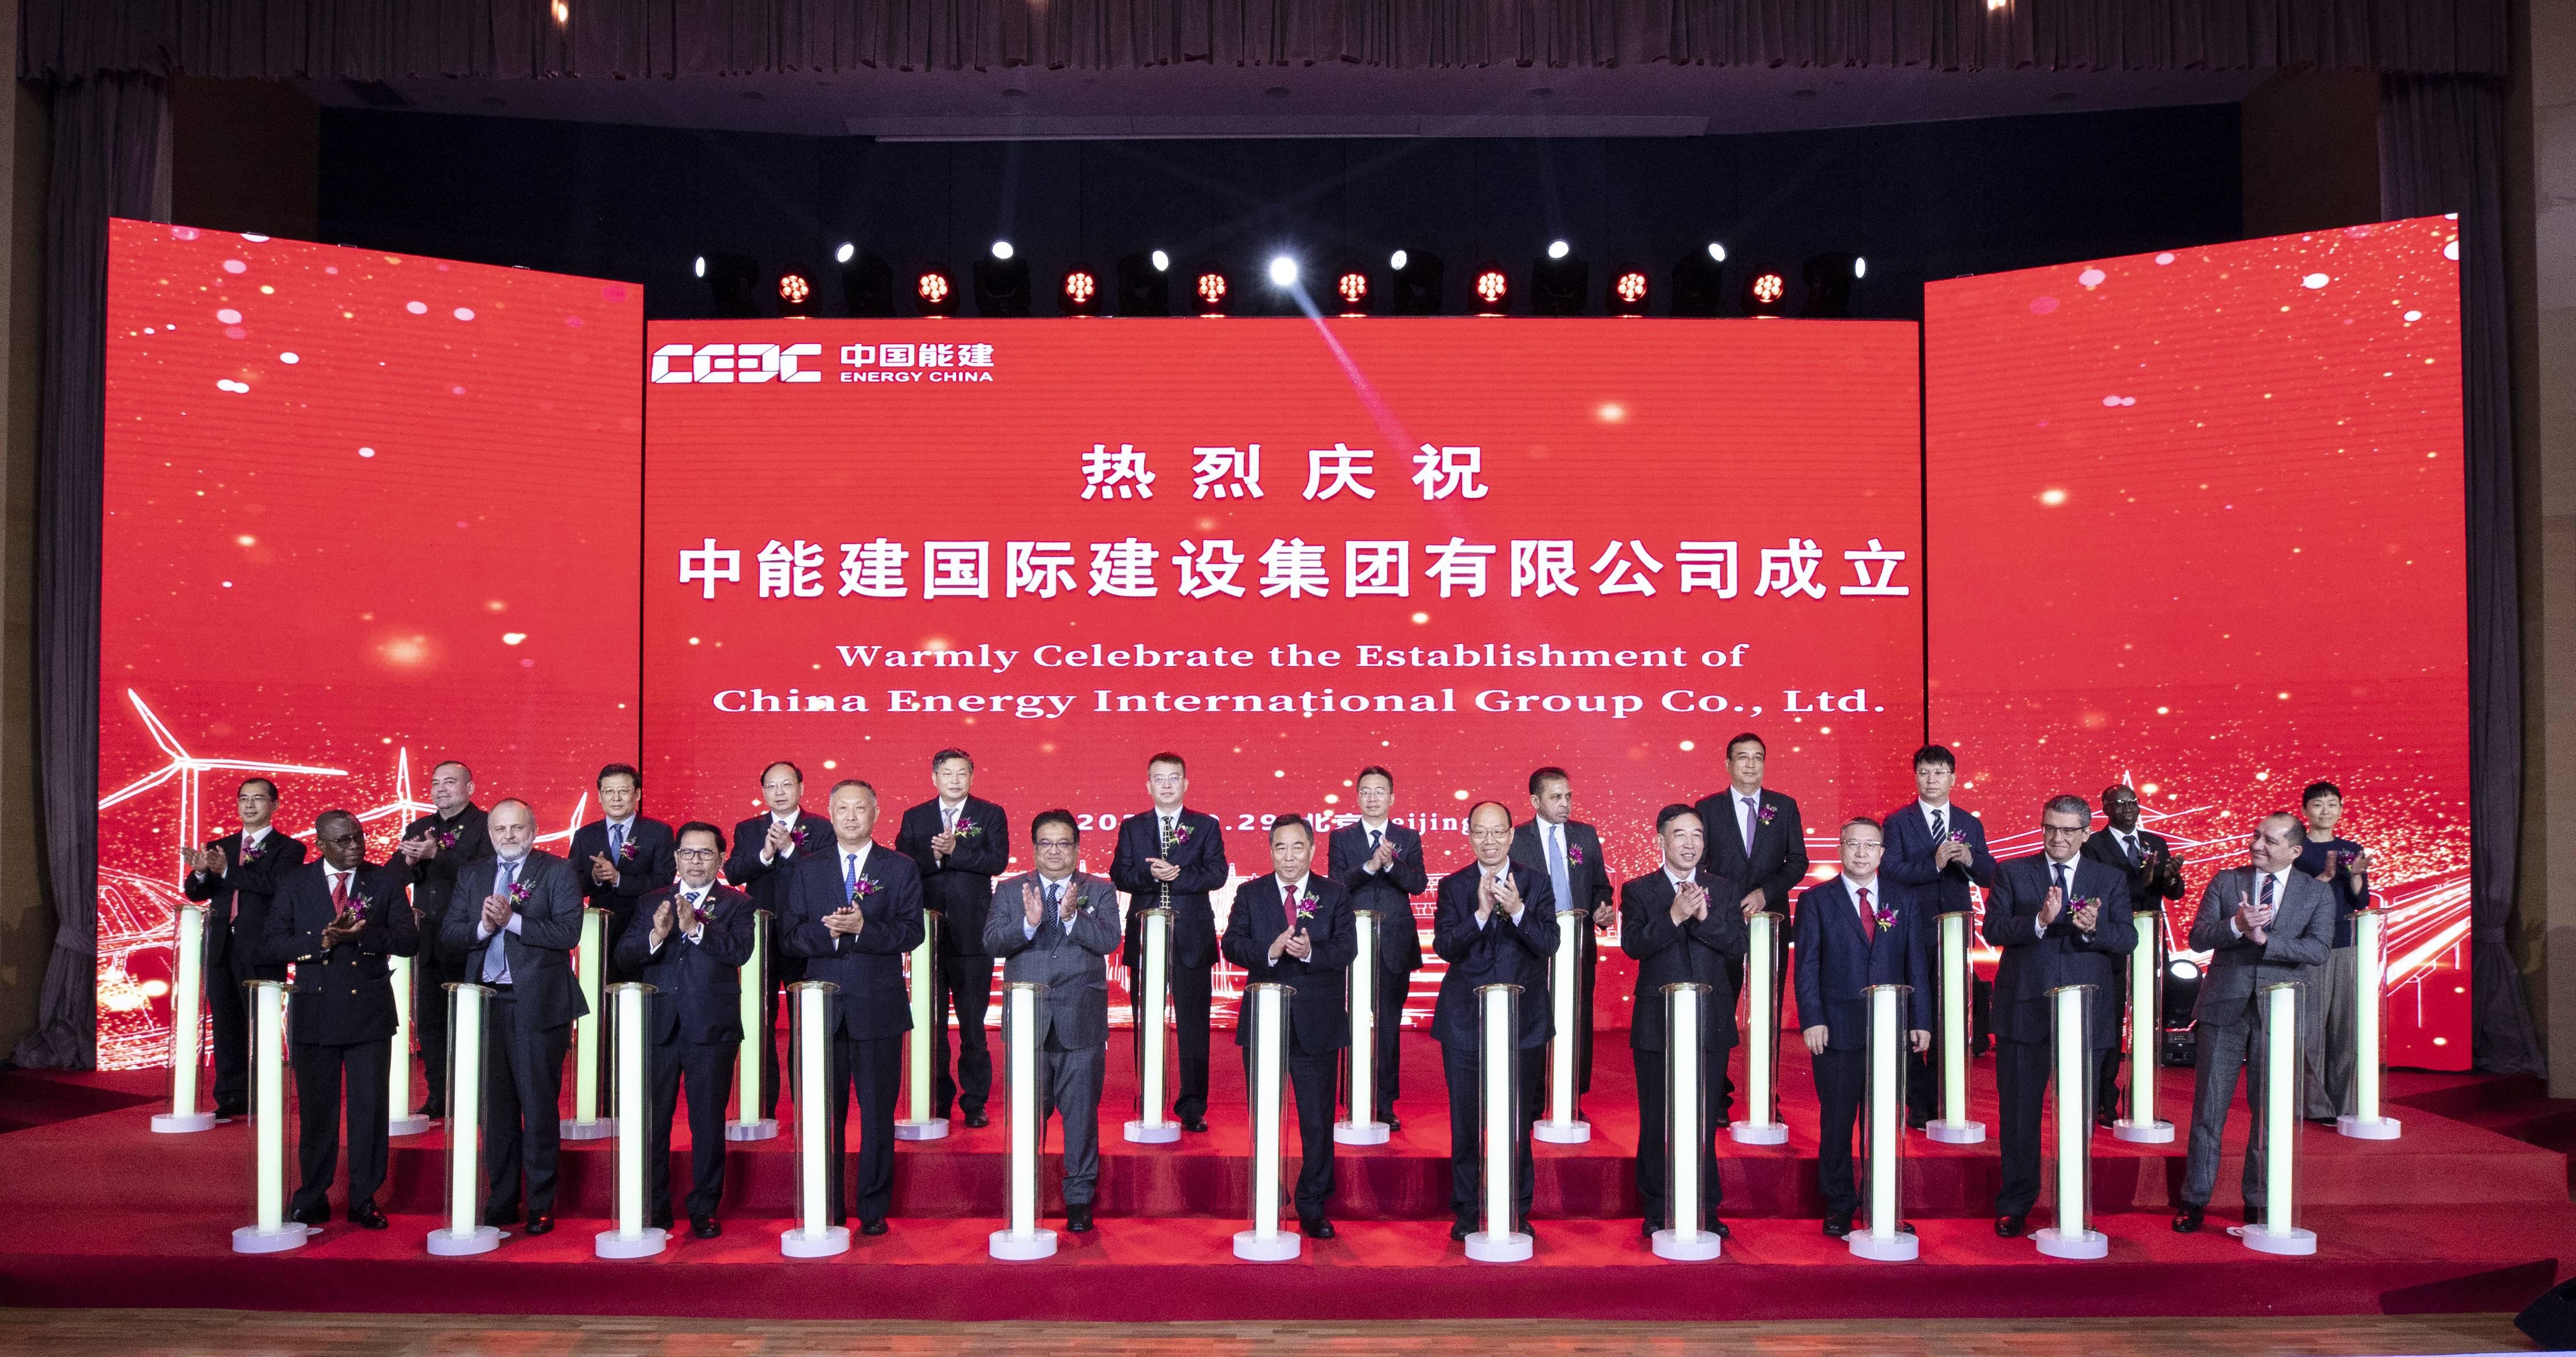 中国能建国际集团在京揭牌成立